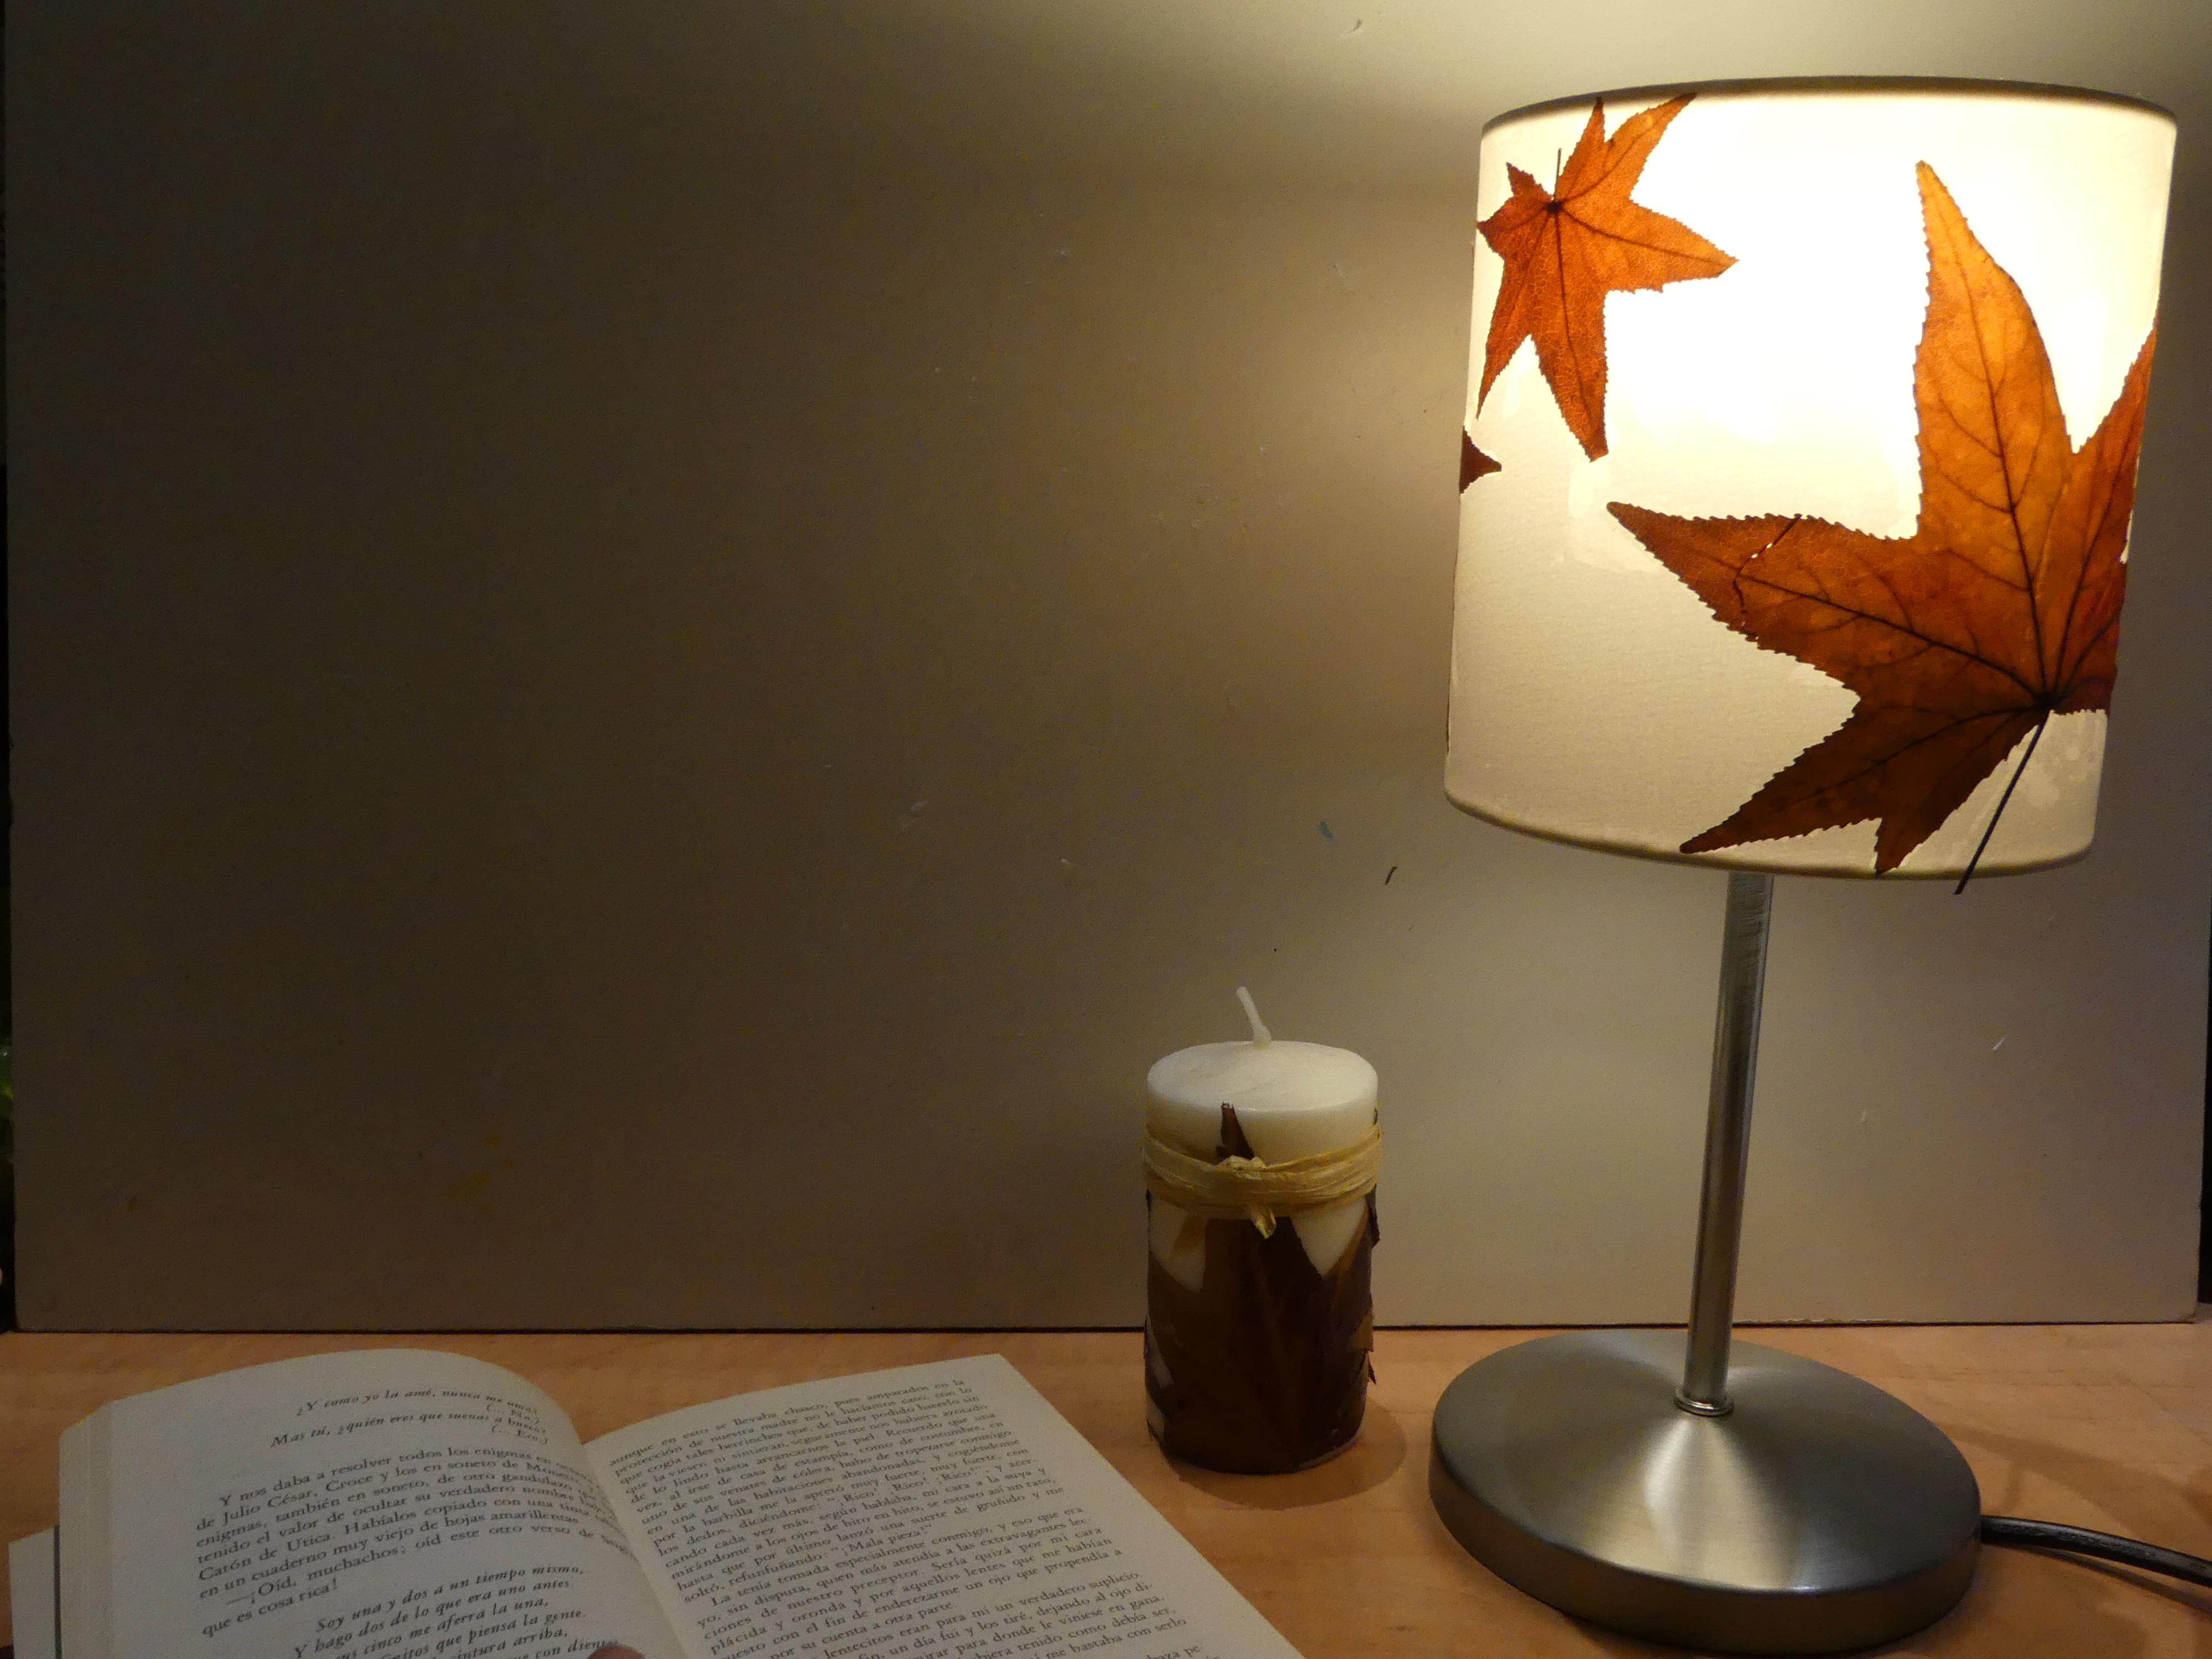 En este momento estás viendo DIY Ikea decoración otoñal